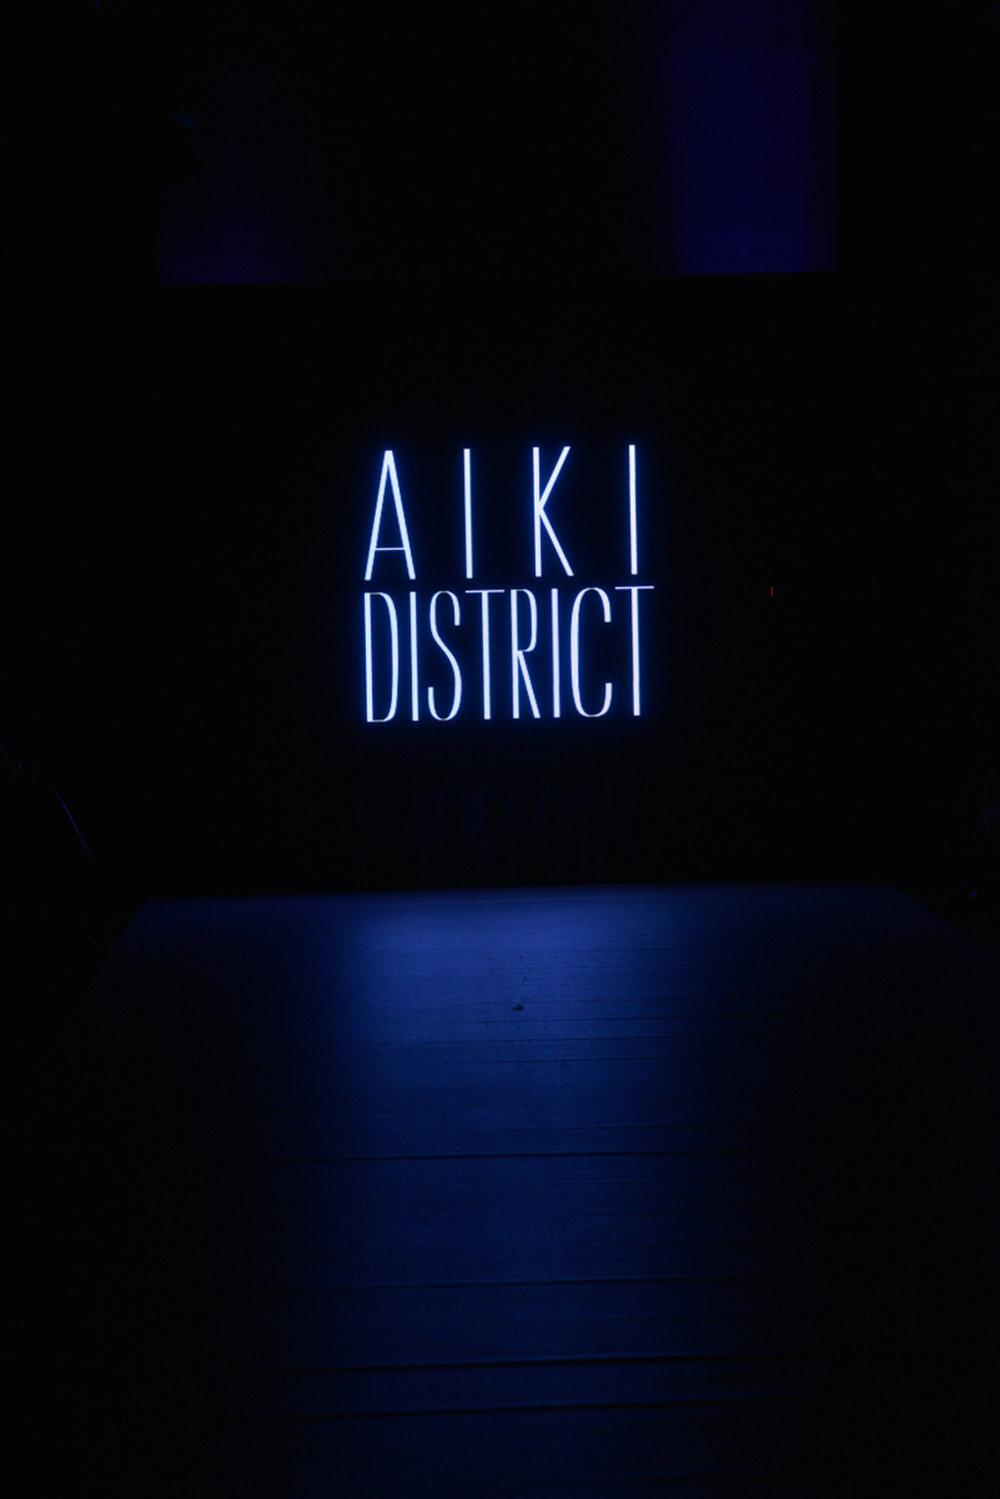 aiki district-1.jpg